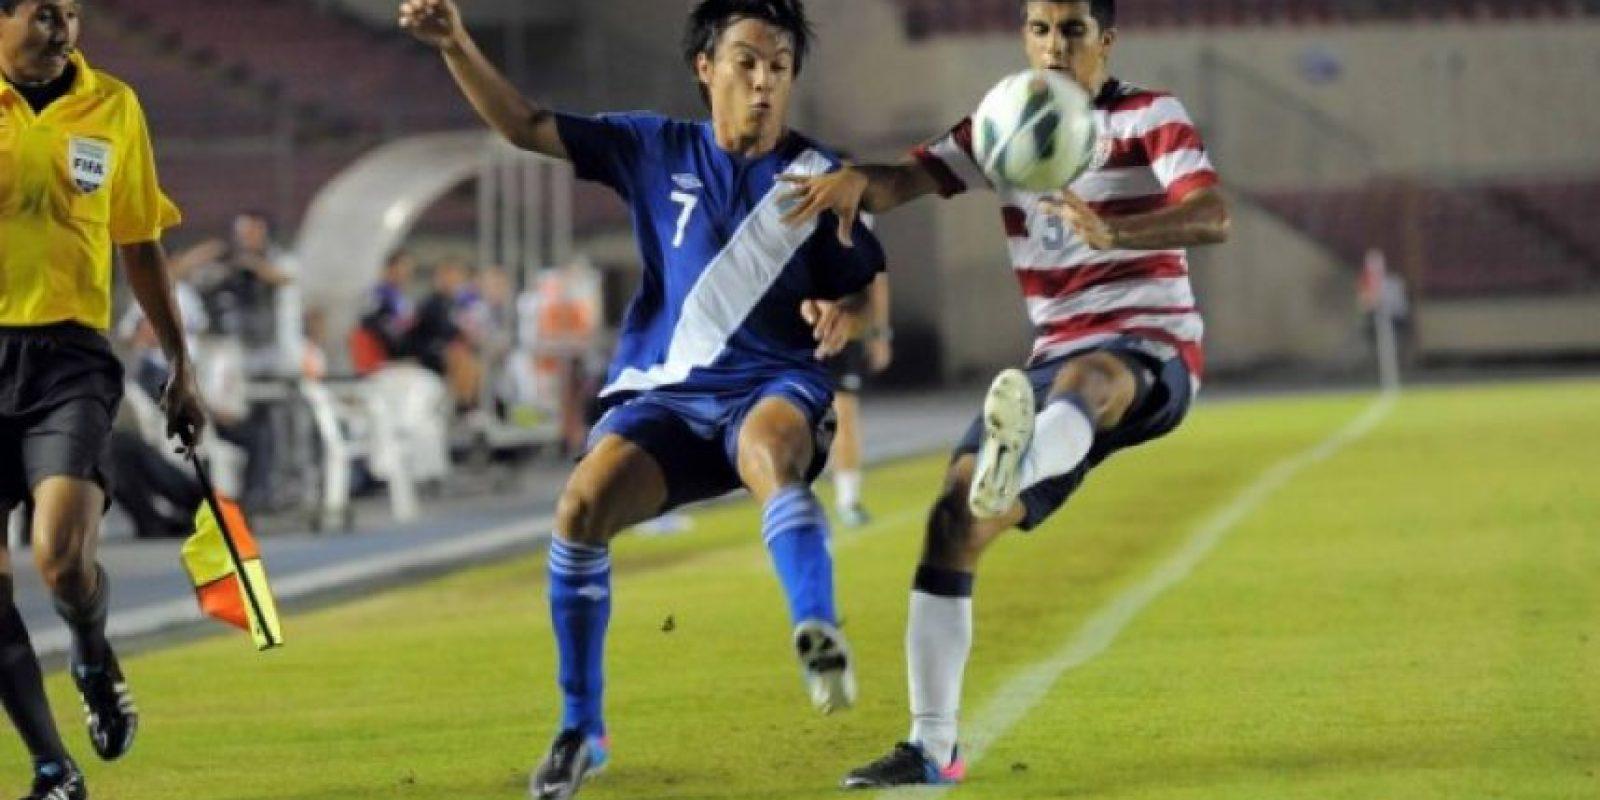 Paolo Ortiz (7), goleador de la Selección Nacional, lucha un balón con John Requejo, de EE. UU., durante el juego de ayer en Panamá / Foto:J. Suncar, CDG